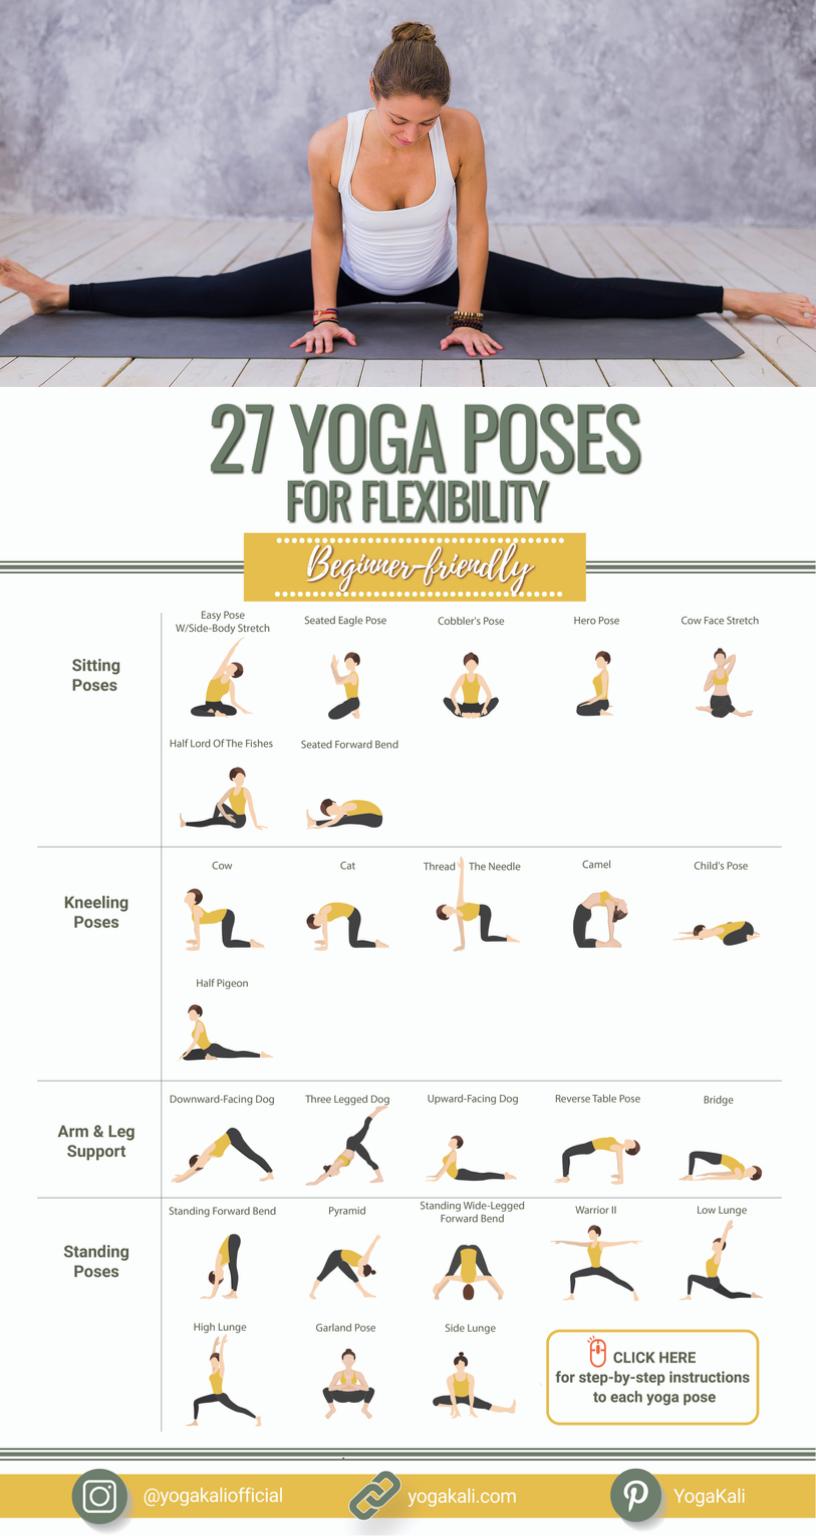 Üben Sie diese Top-Yoga-Posen und -Dehnungen täglich, um Ihre... Informations About Üben Sie diese T...